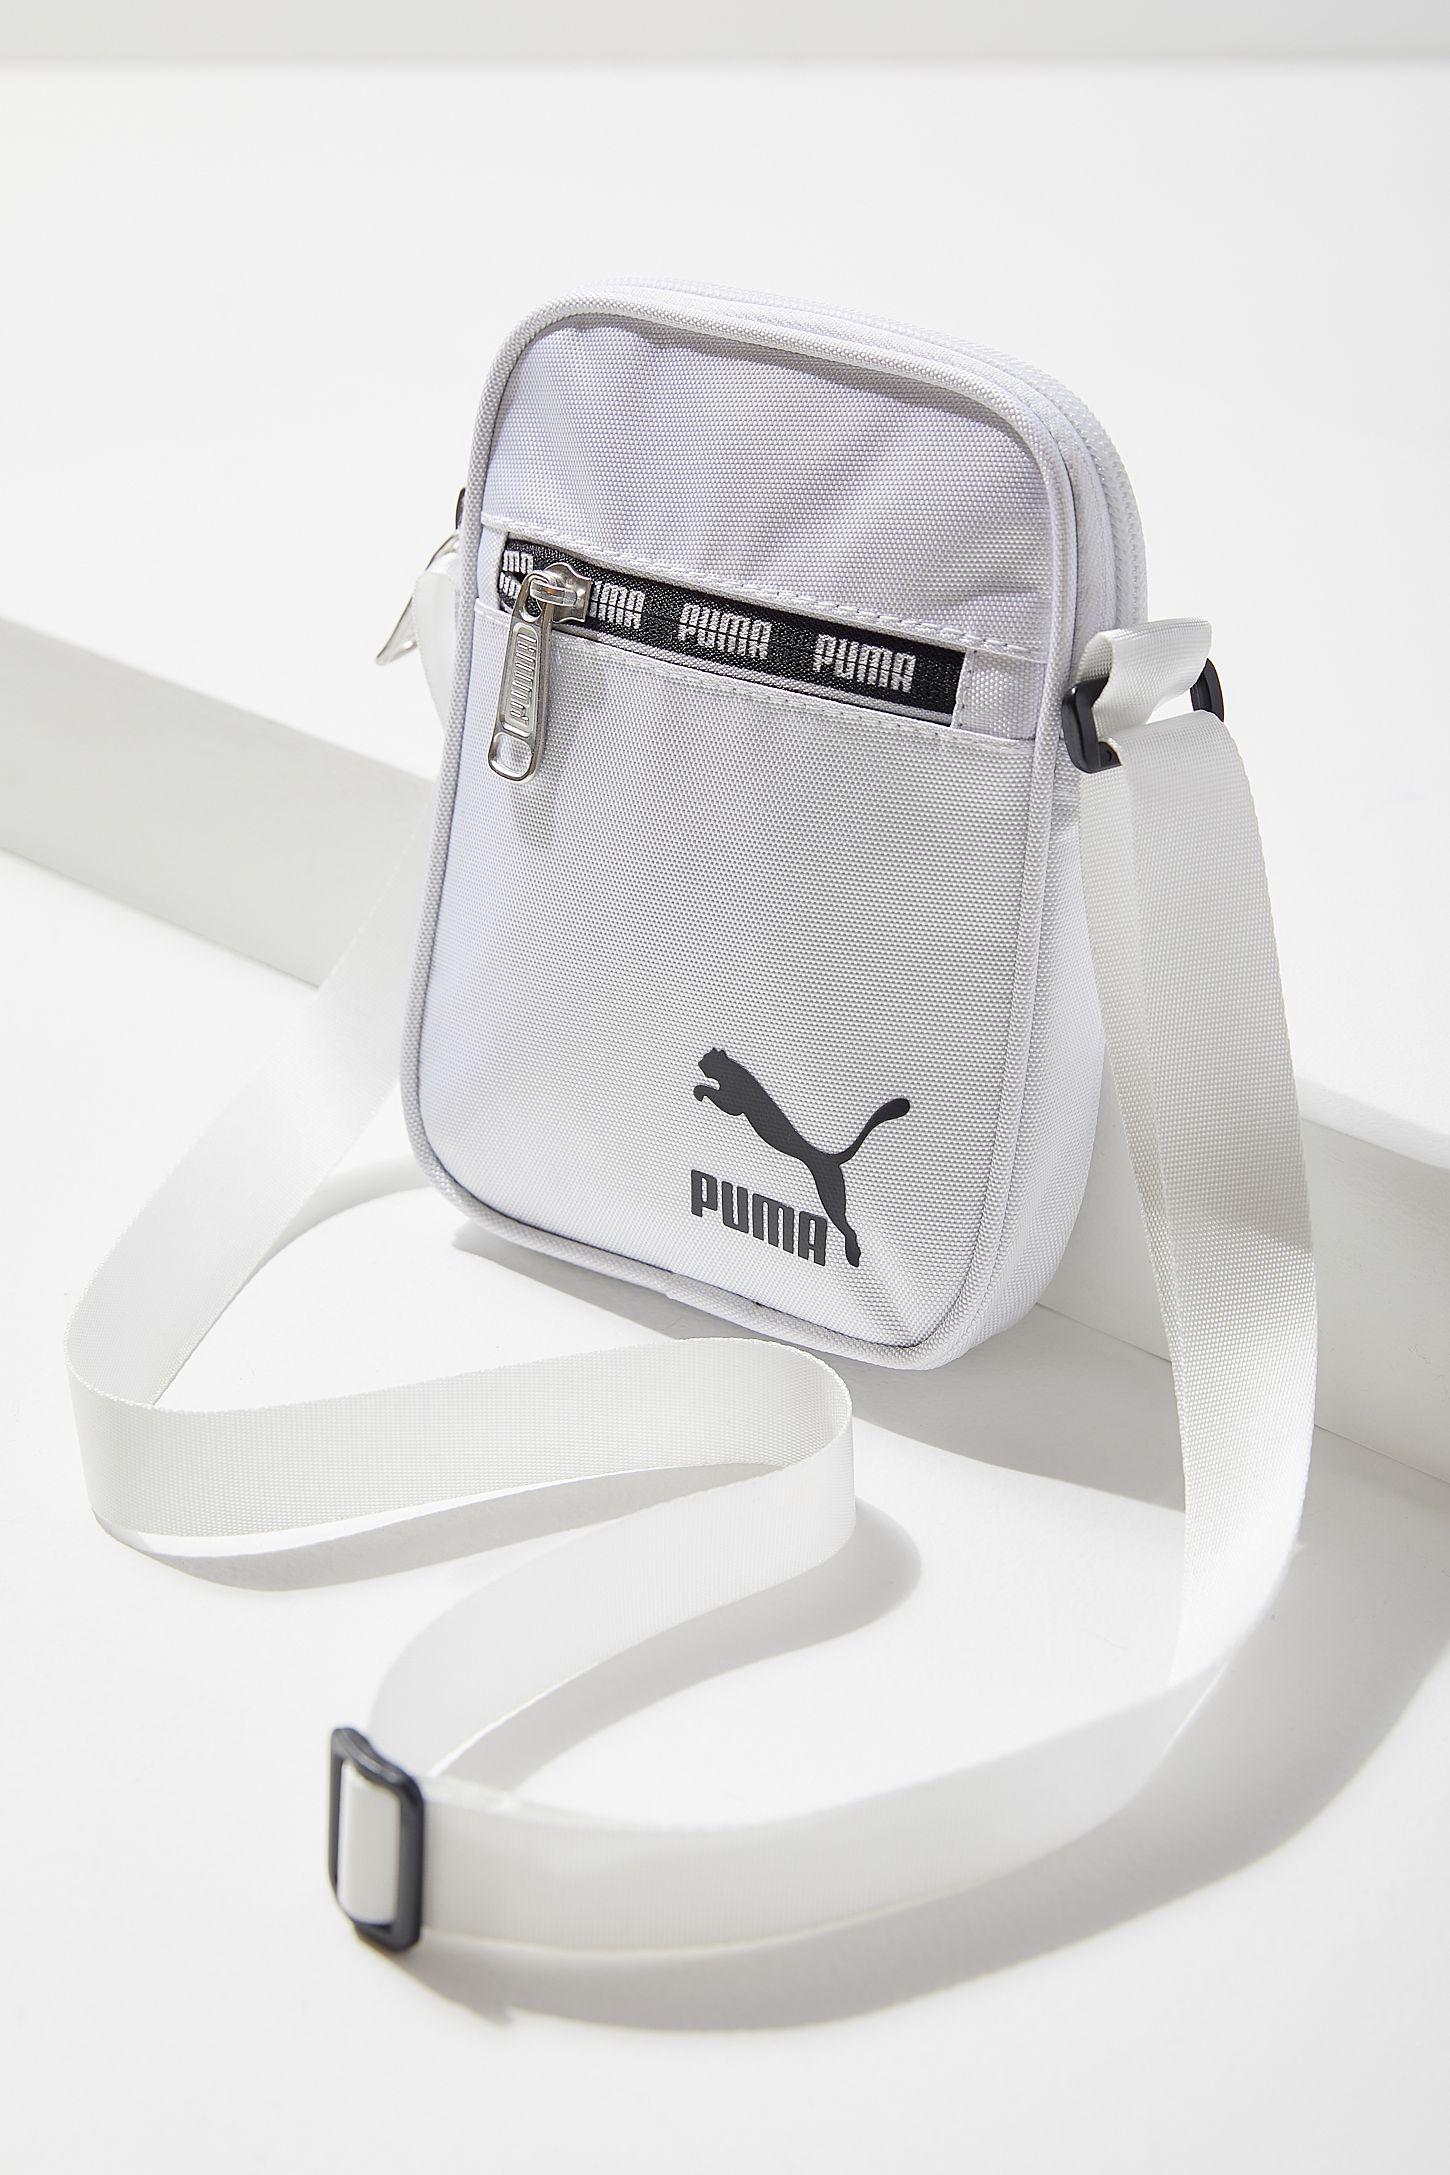 472a705ddf93 Puma Portable Crossbody Bag